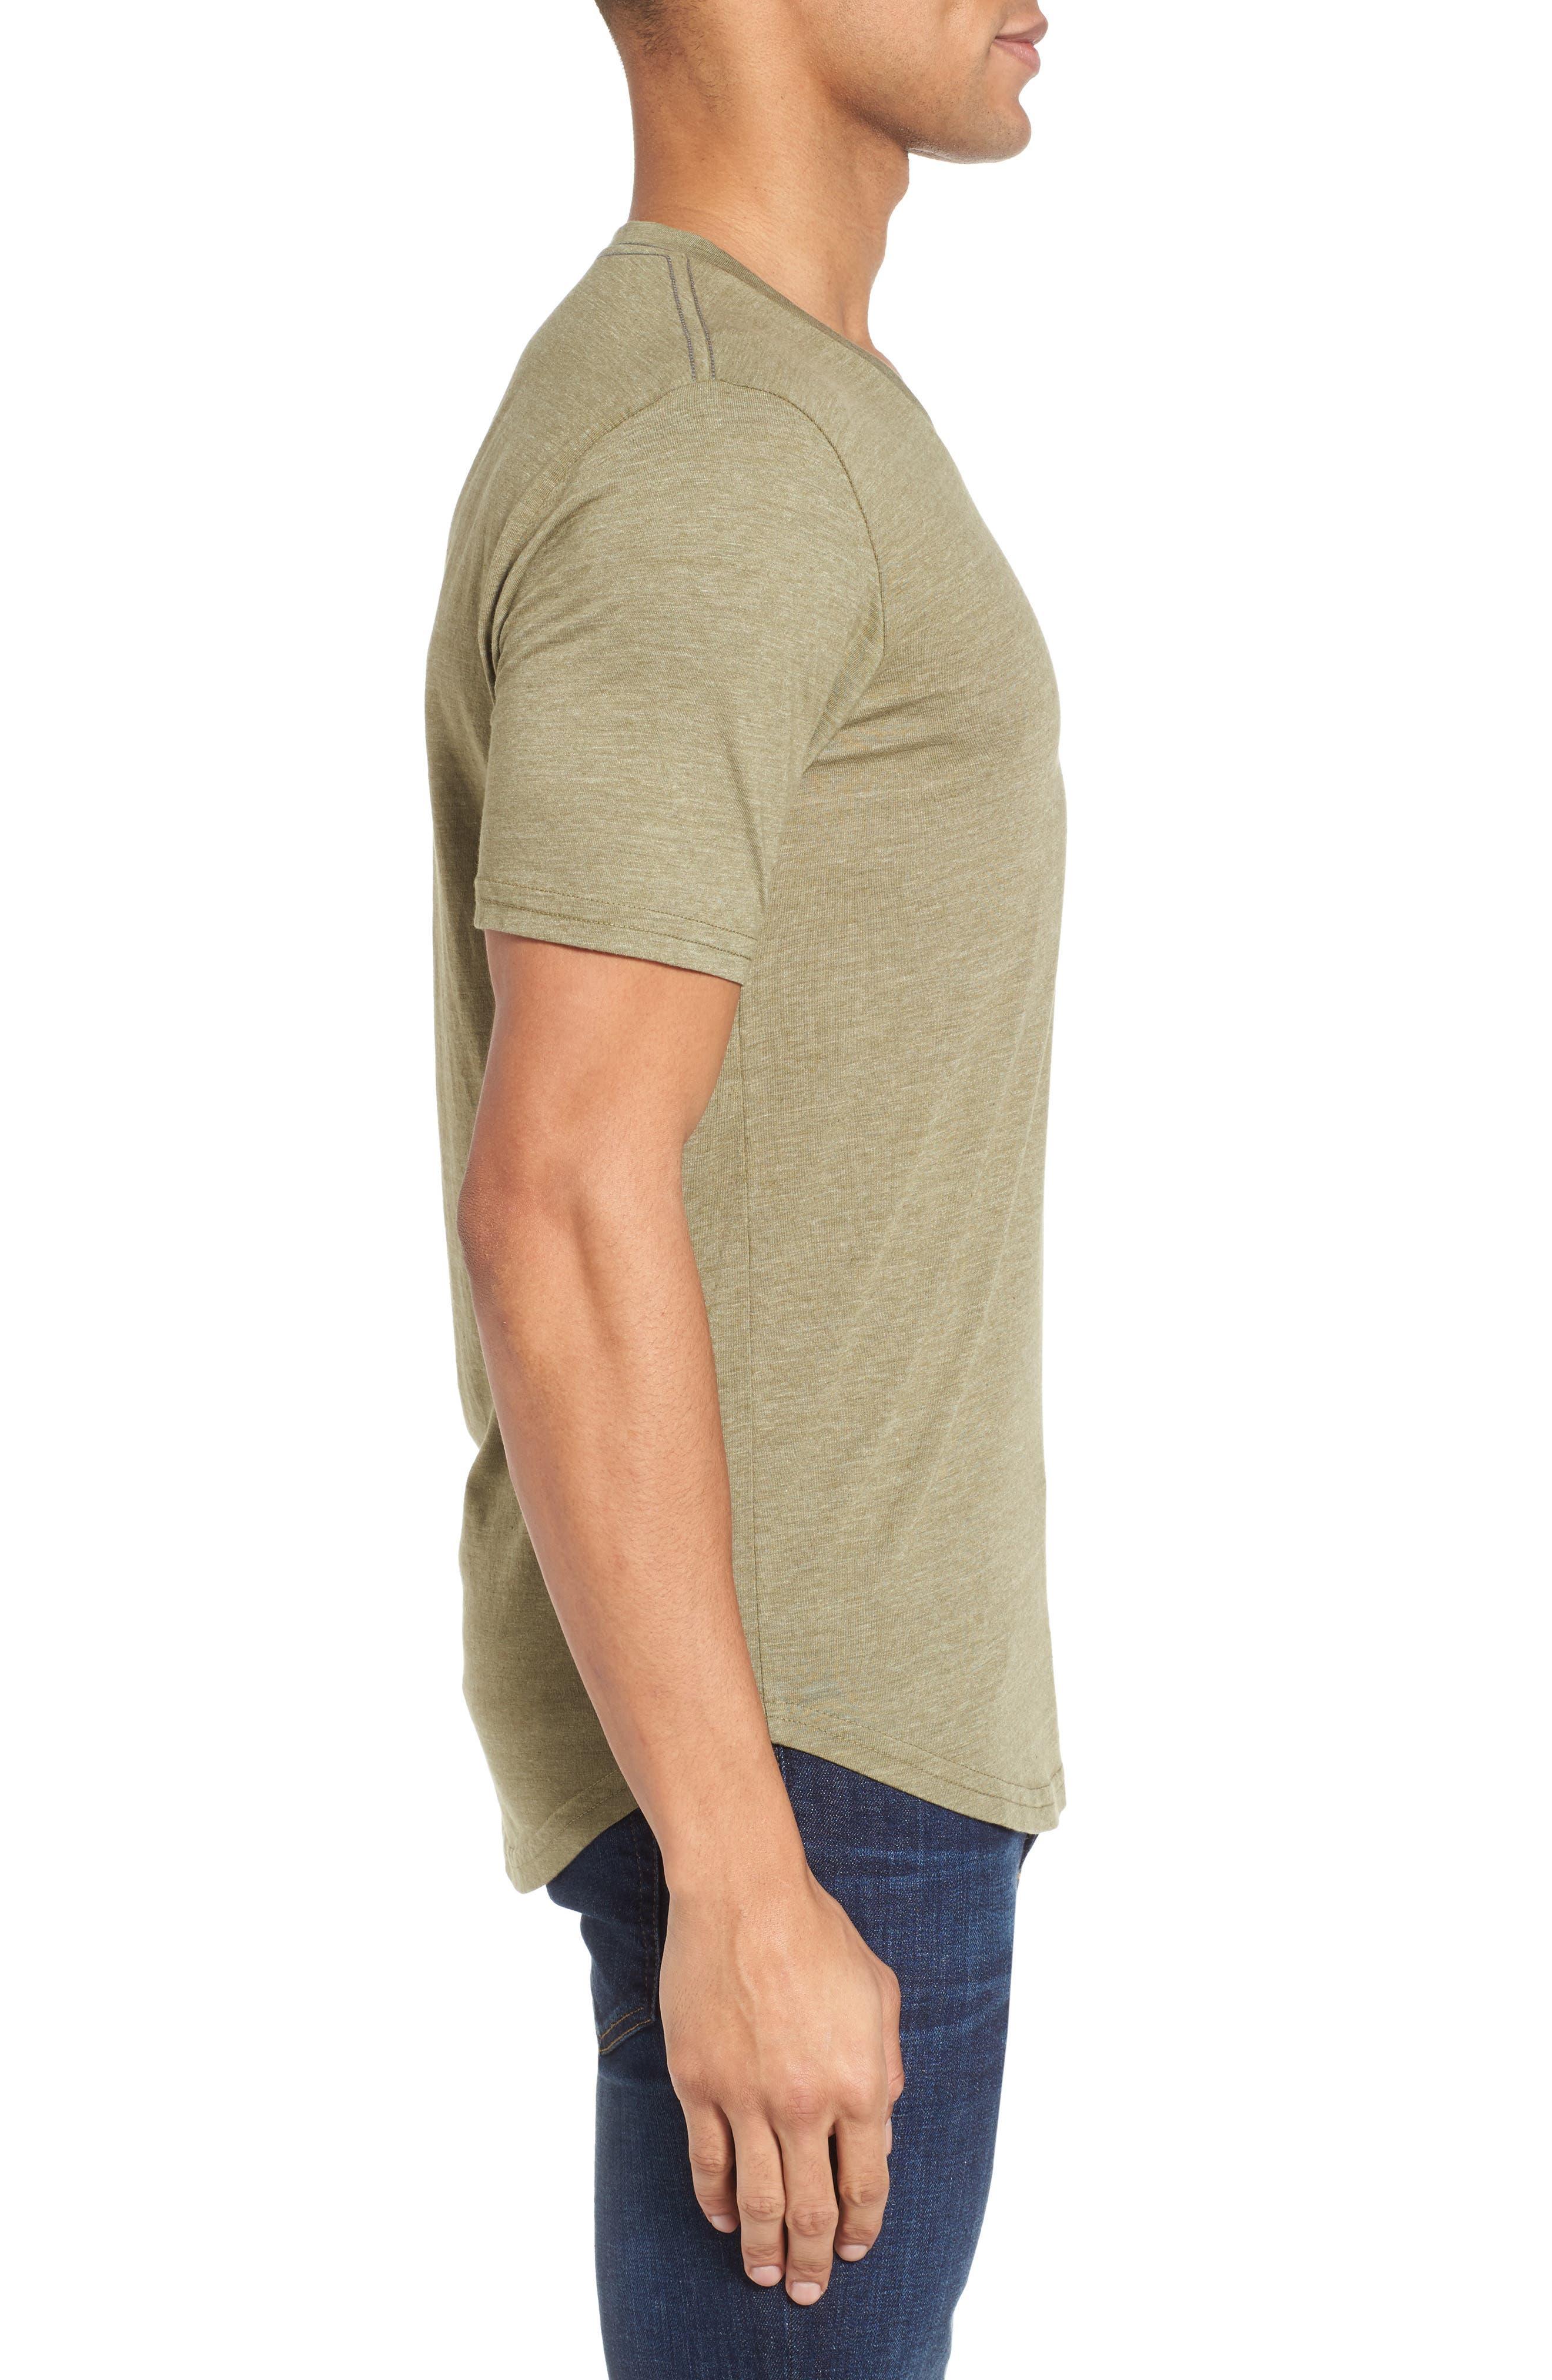 Alternate Image 3  - Goodlife Scallop Triblend V-Neck T-Shirt